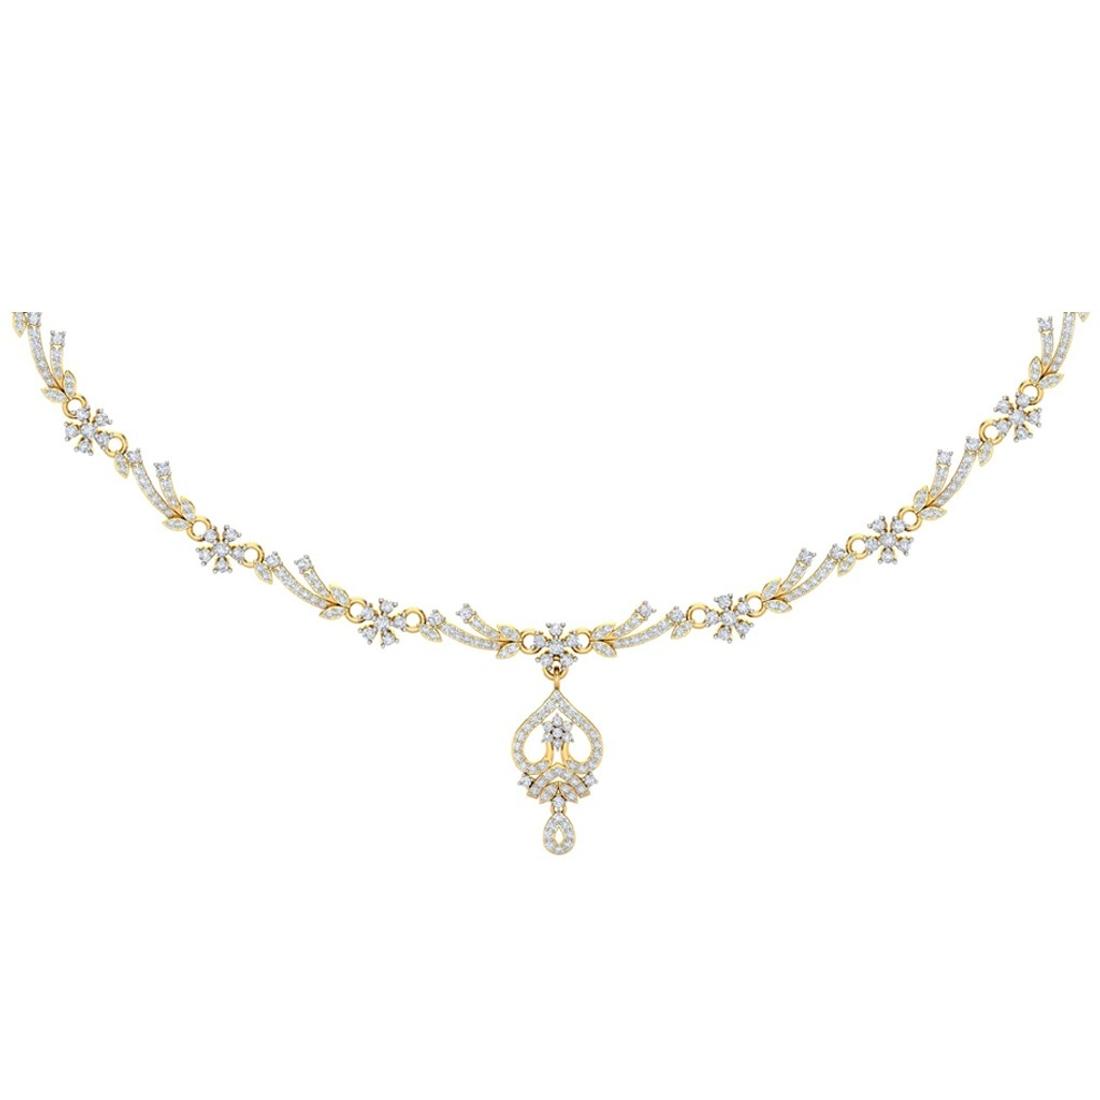 Sarvada Jewels' The Bethany Diamond Necklace